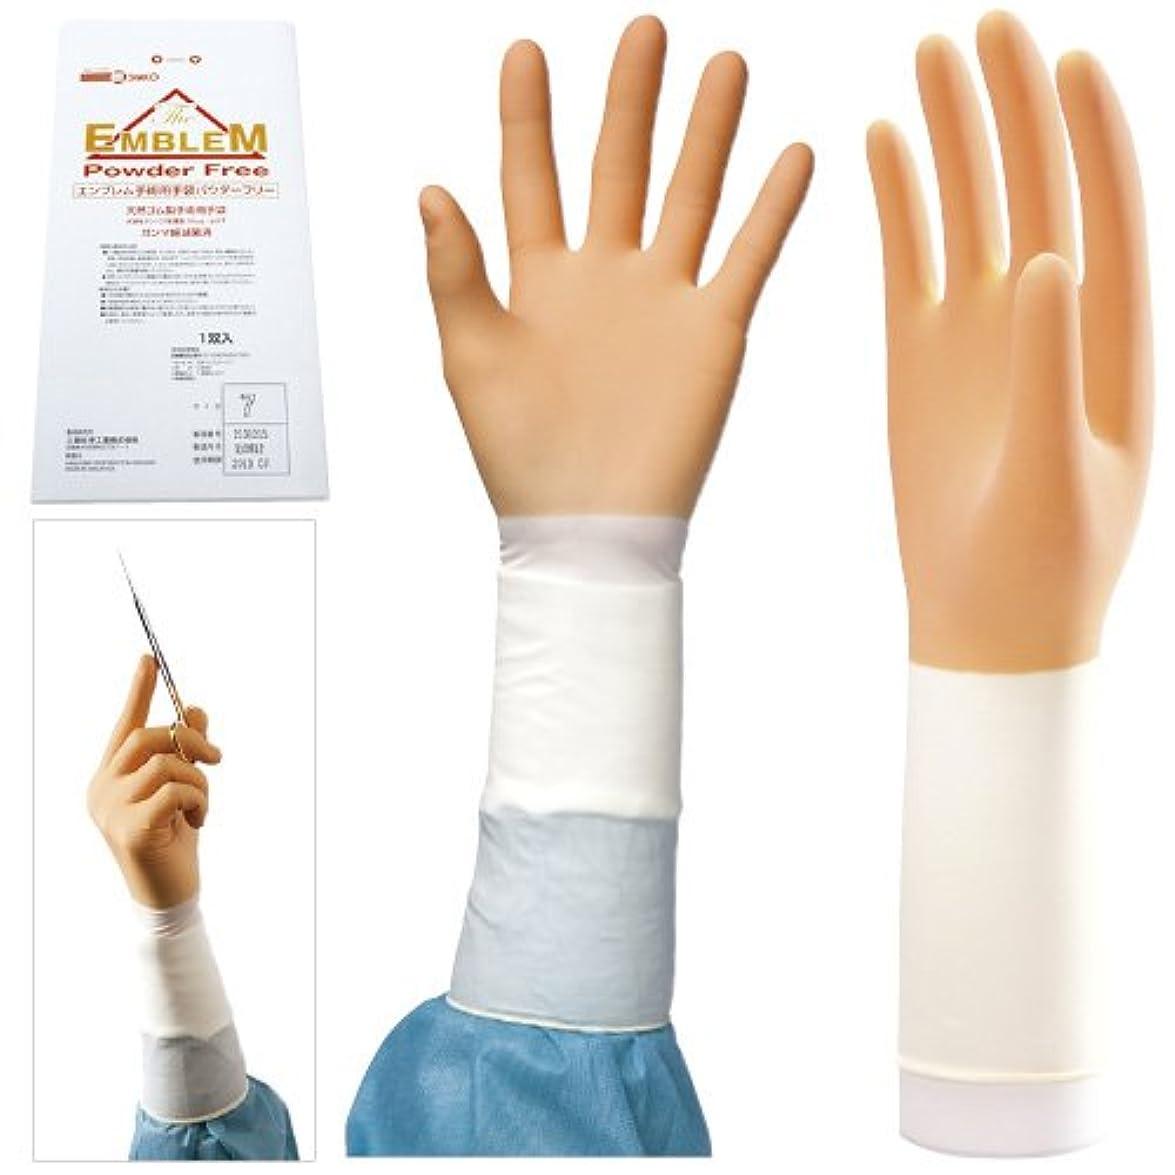 コンチネンタル艶後者エンブレム手術用手袋 パウダーフリー NEW(20双入) 8